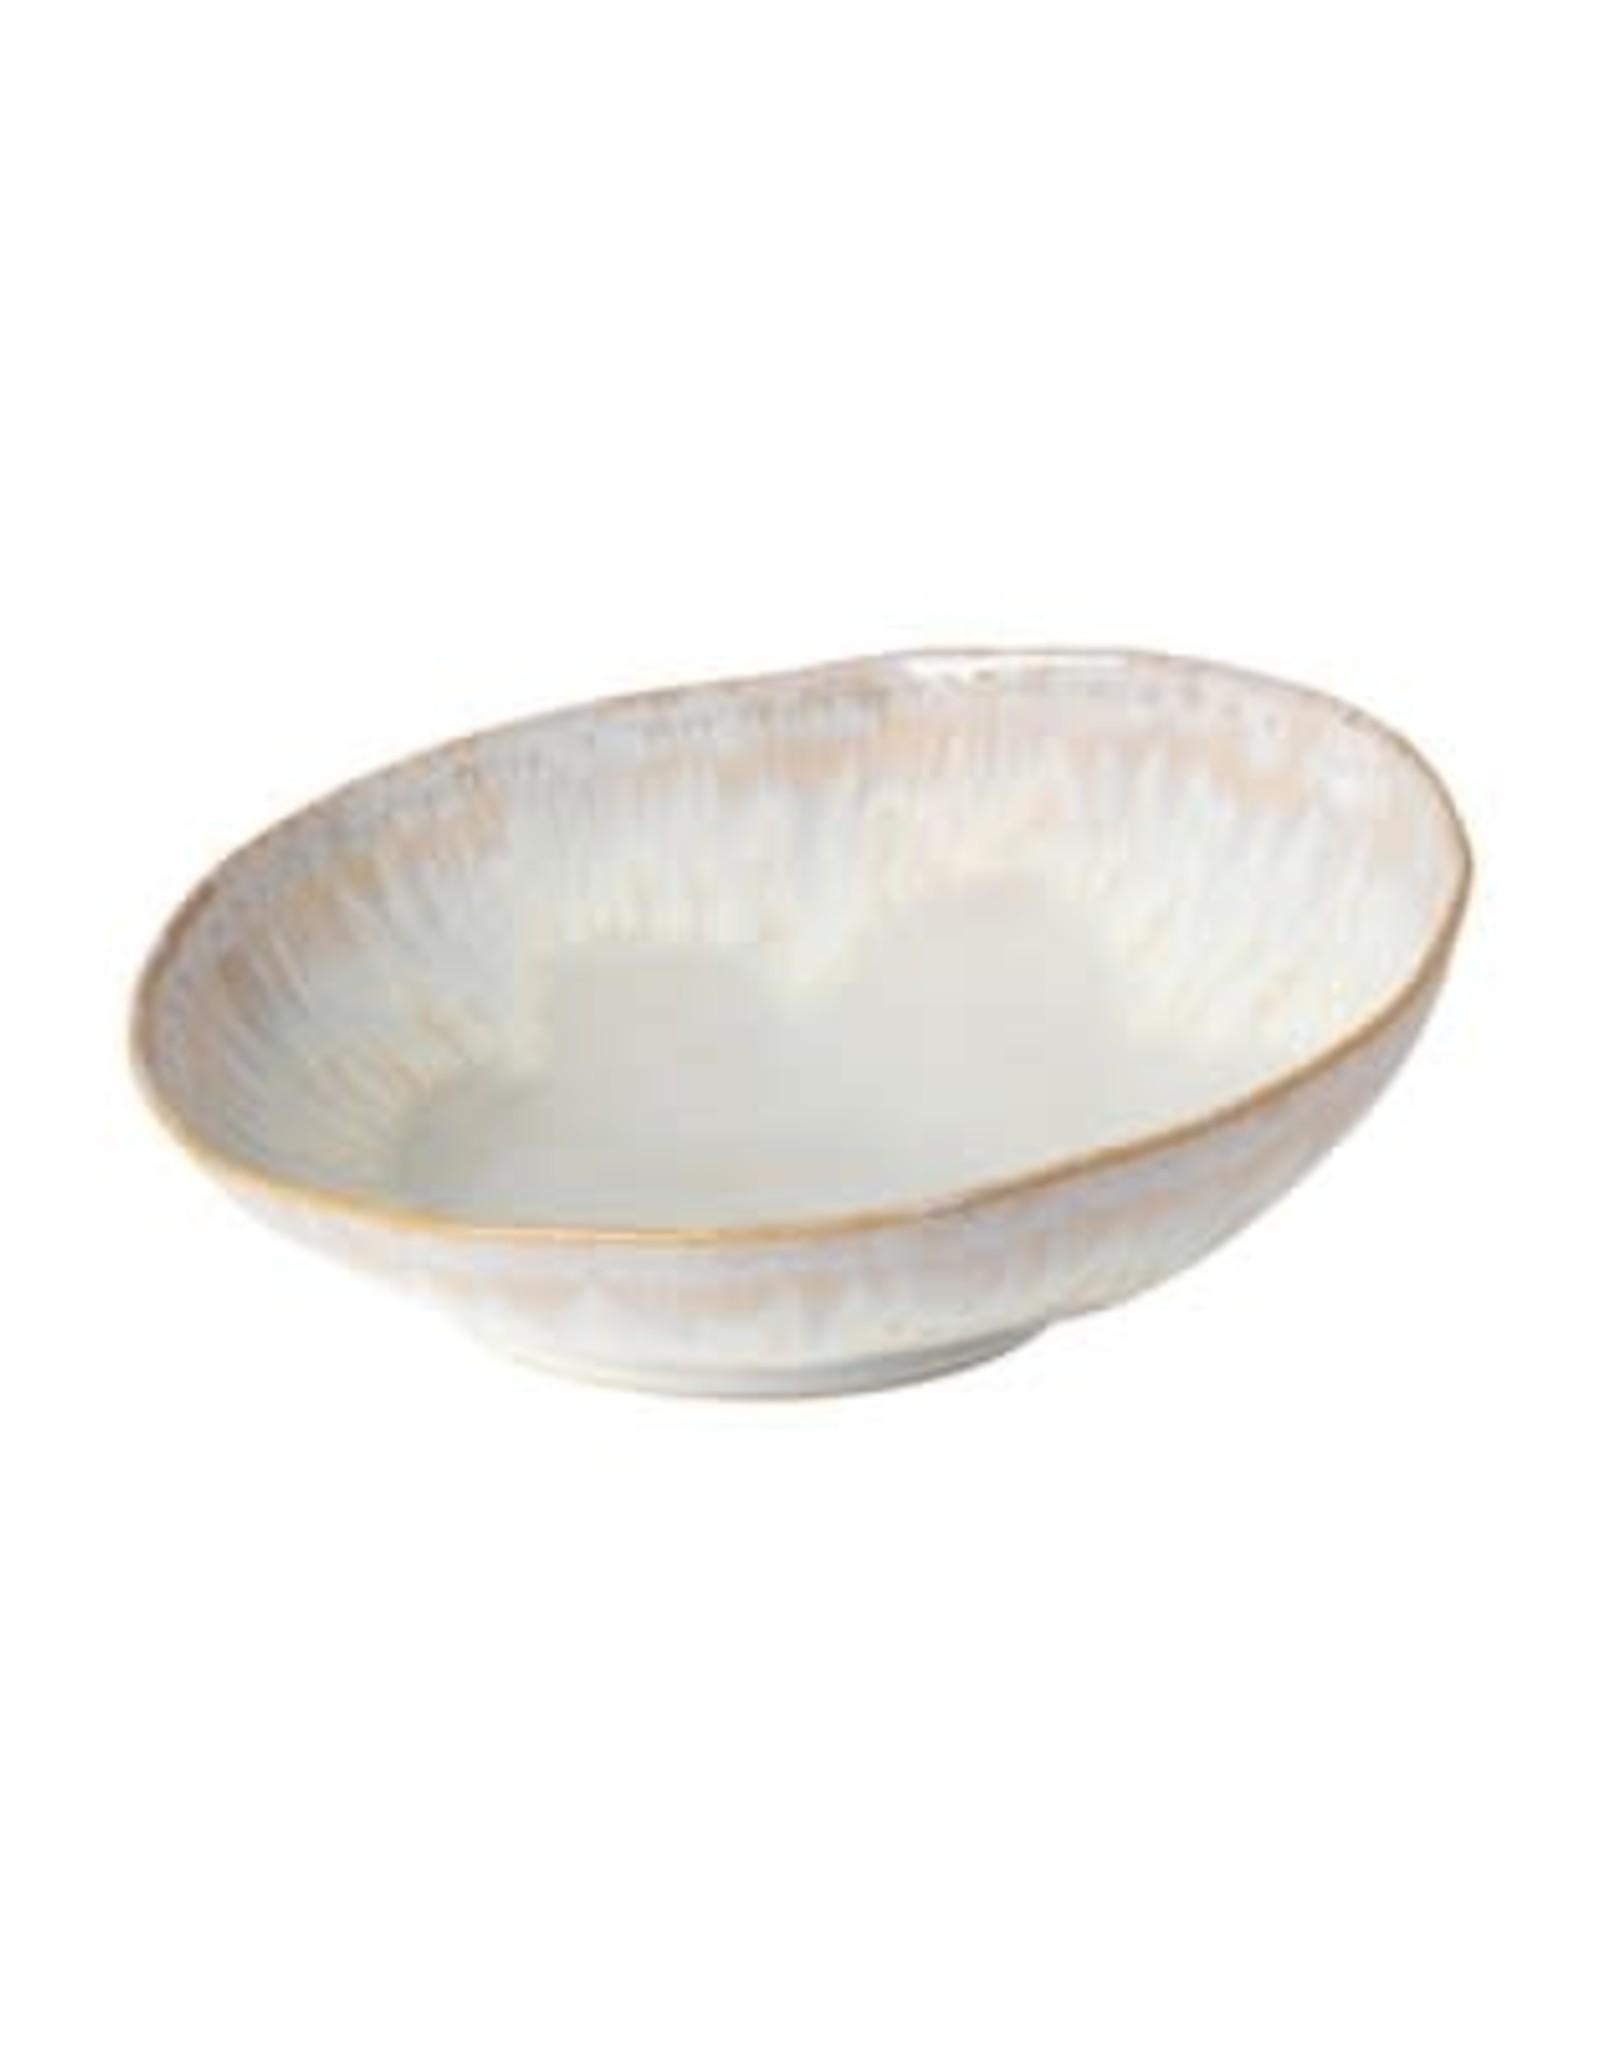 Brisa Salt Serving Bowl